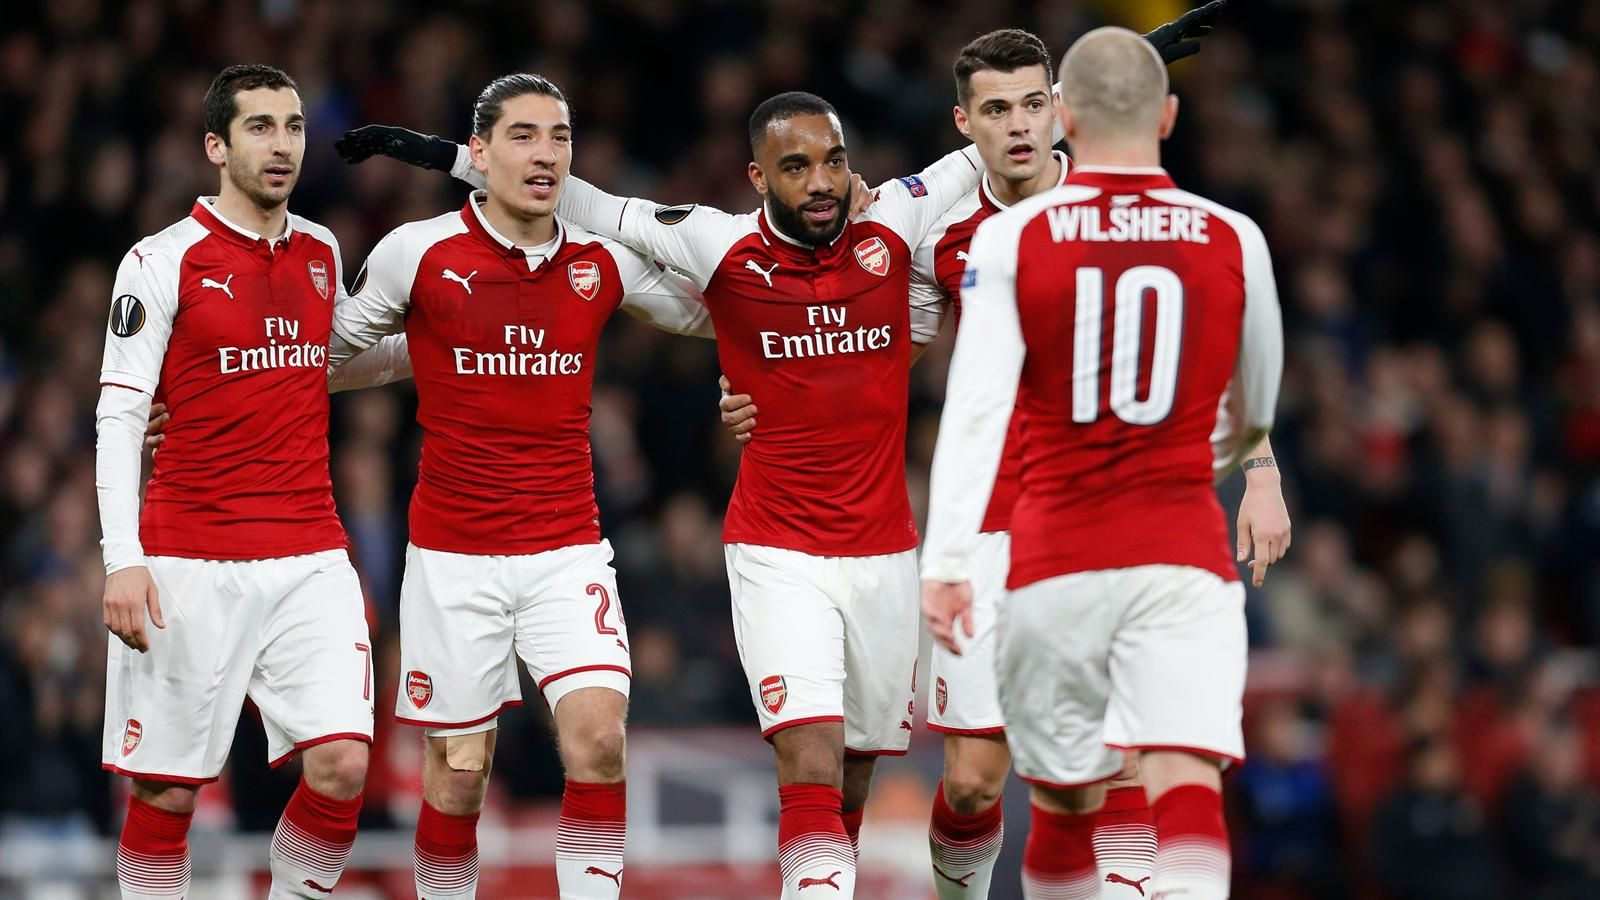 Шесть английских клубов - в четвертьфиналах еврокубков во второй раз в истории - фото